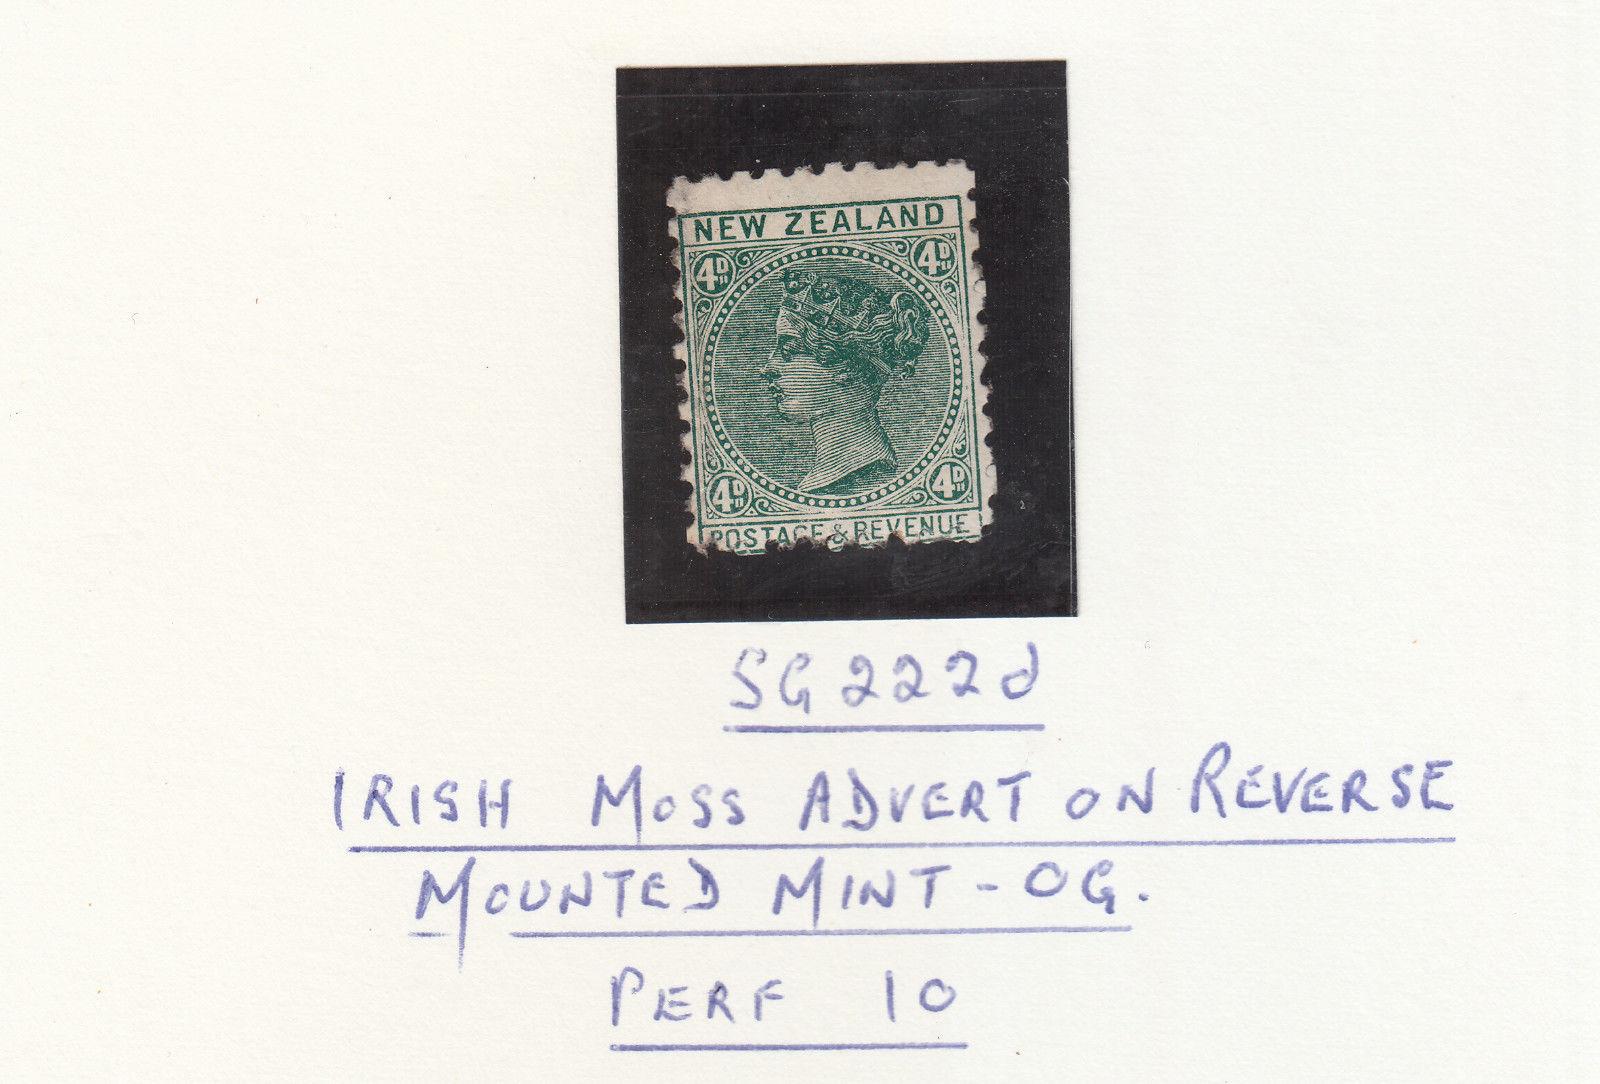 NEW ZEALAND 1892 4d GREEN SG222D BONNINGTONS IRISH MOSS